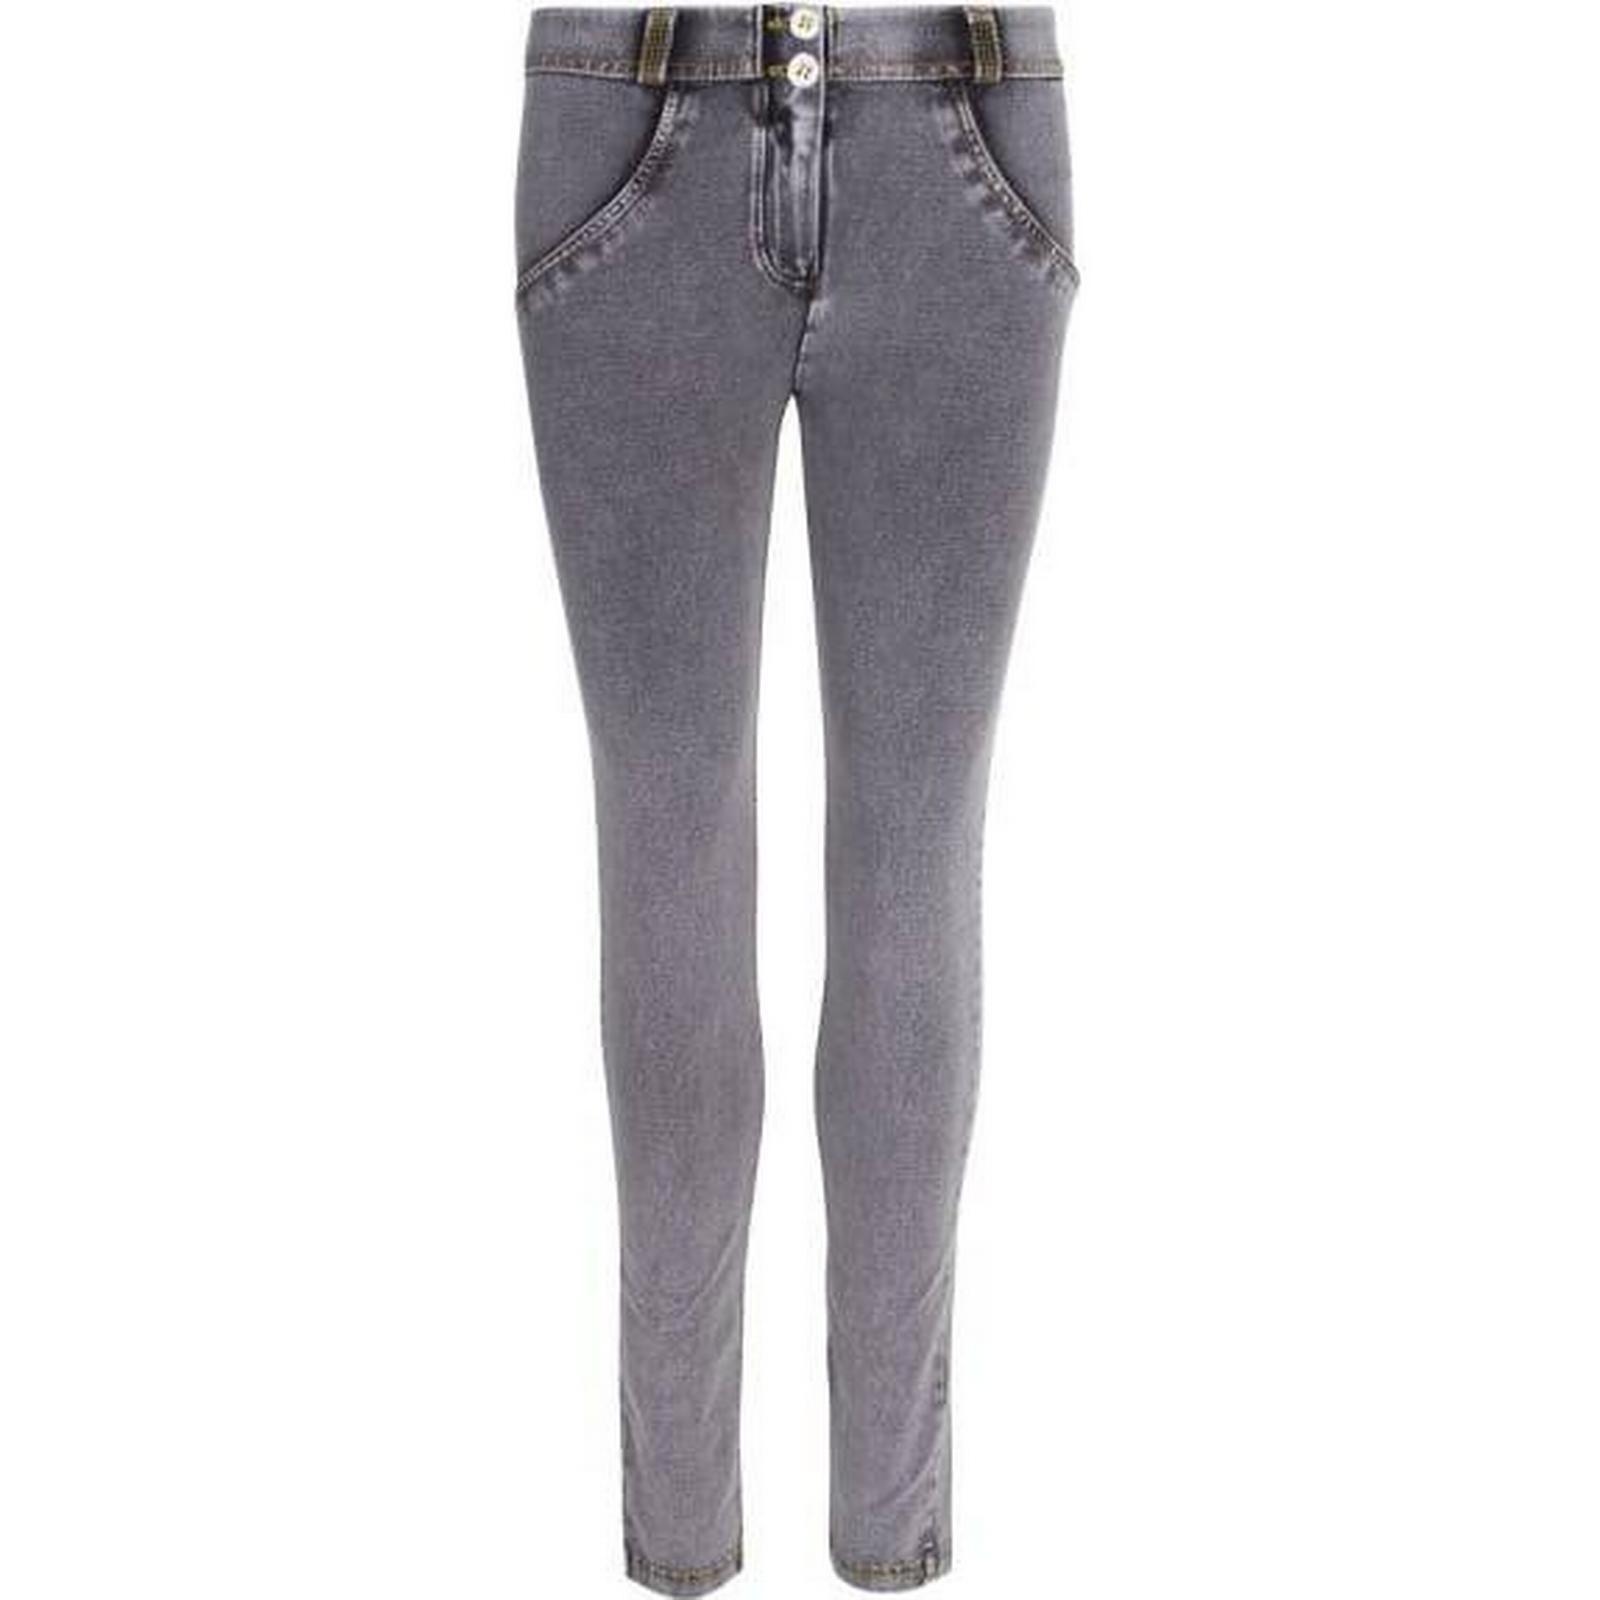 Freddy Womens Grey Mid Rise Skinny Jeans Size: L L L 8befa0